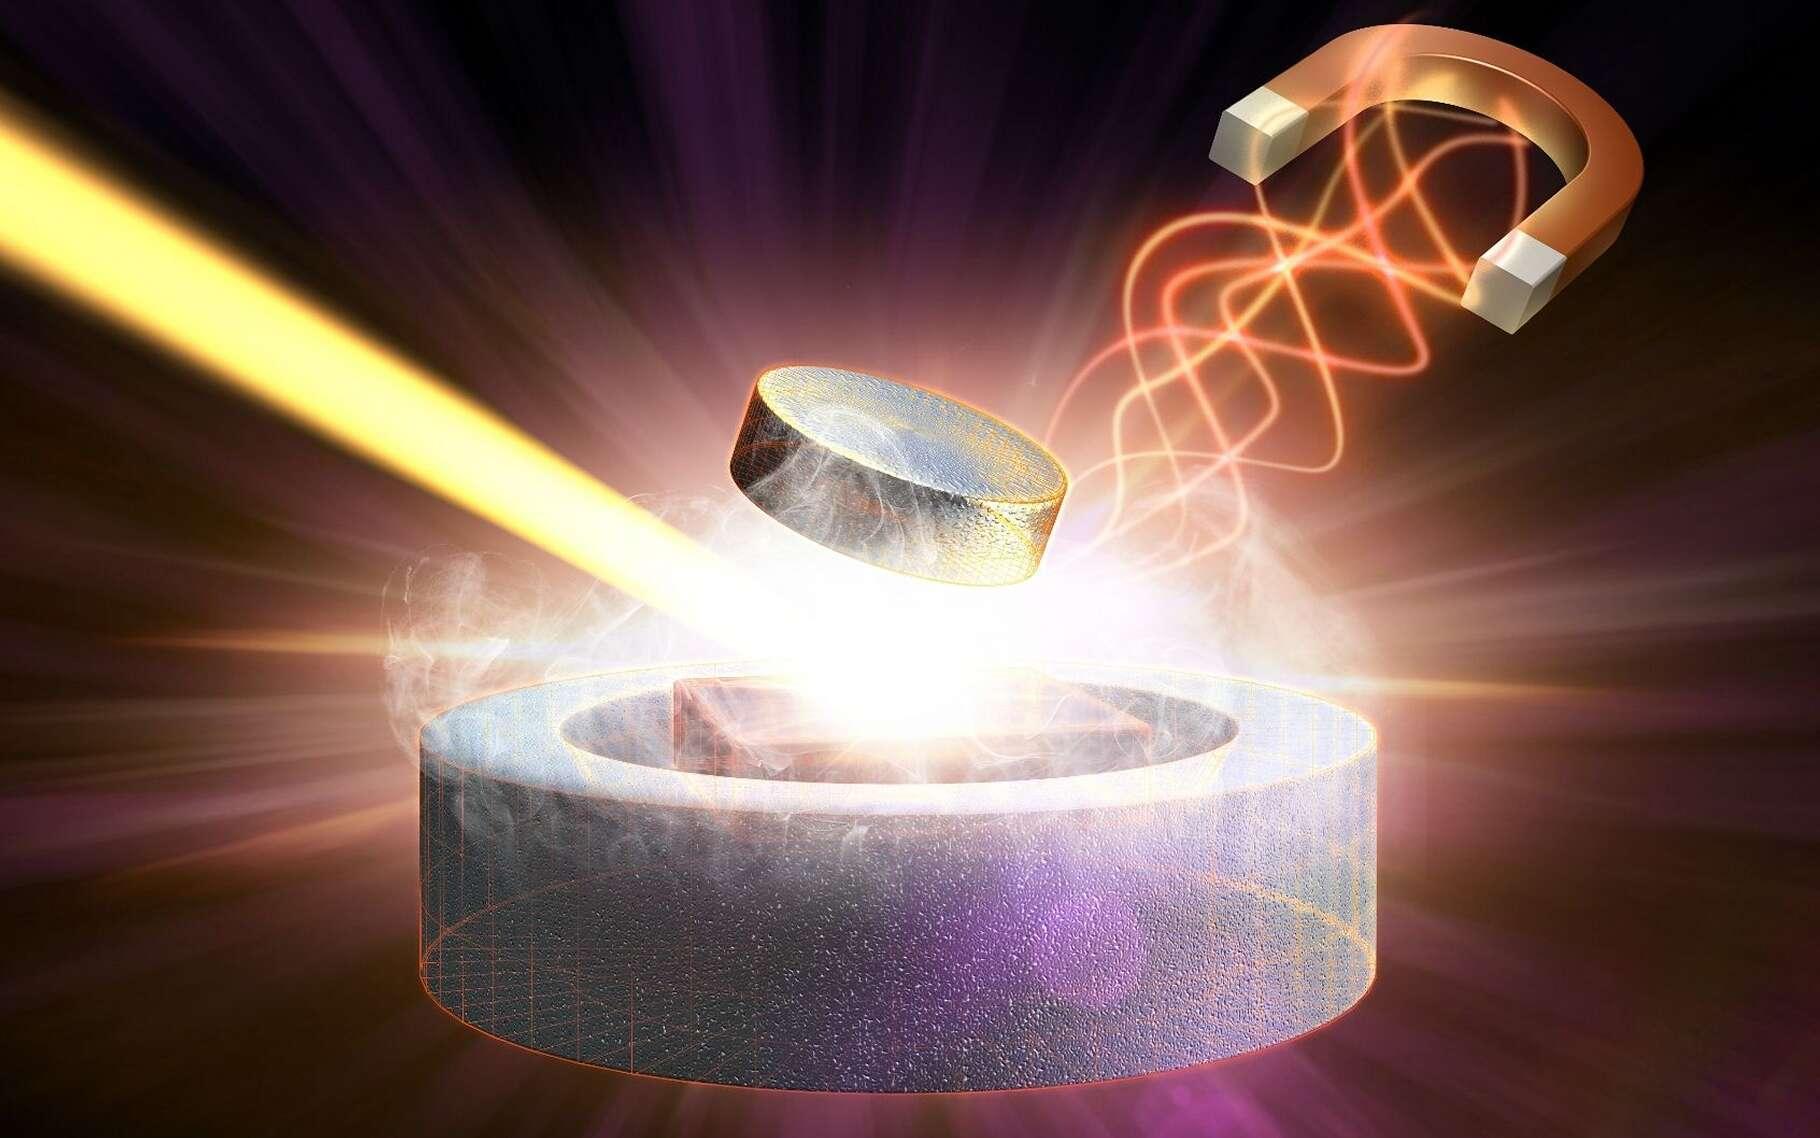 Une vision d'artiste d'une impulsion laser à rayons X frappant une pièce en cuprate soumise à un champ magnétique. Le sujet a été traité par une conférence sur la supraconductivité de Julien Bobroff, dans le cadre du cours en ligne QuidQuam? Eurêka! © SLAC National Accelerator Laboratory